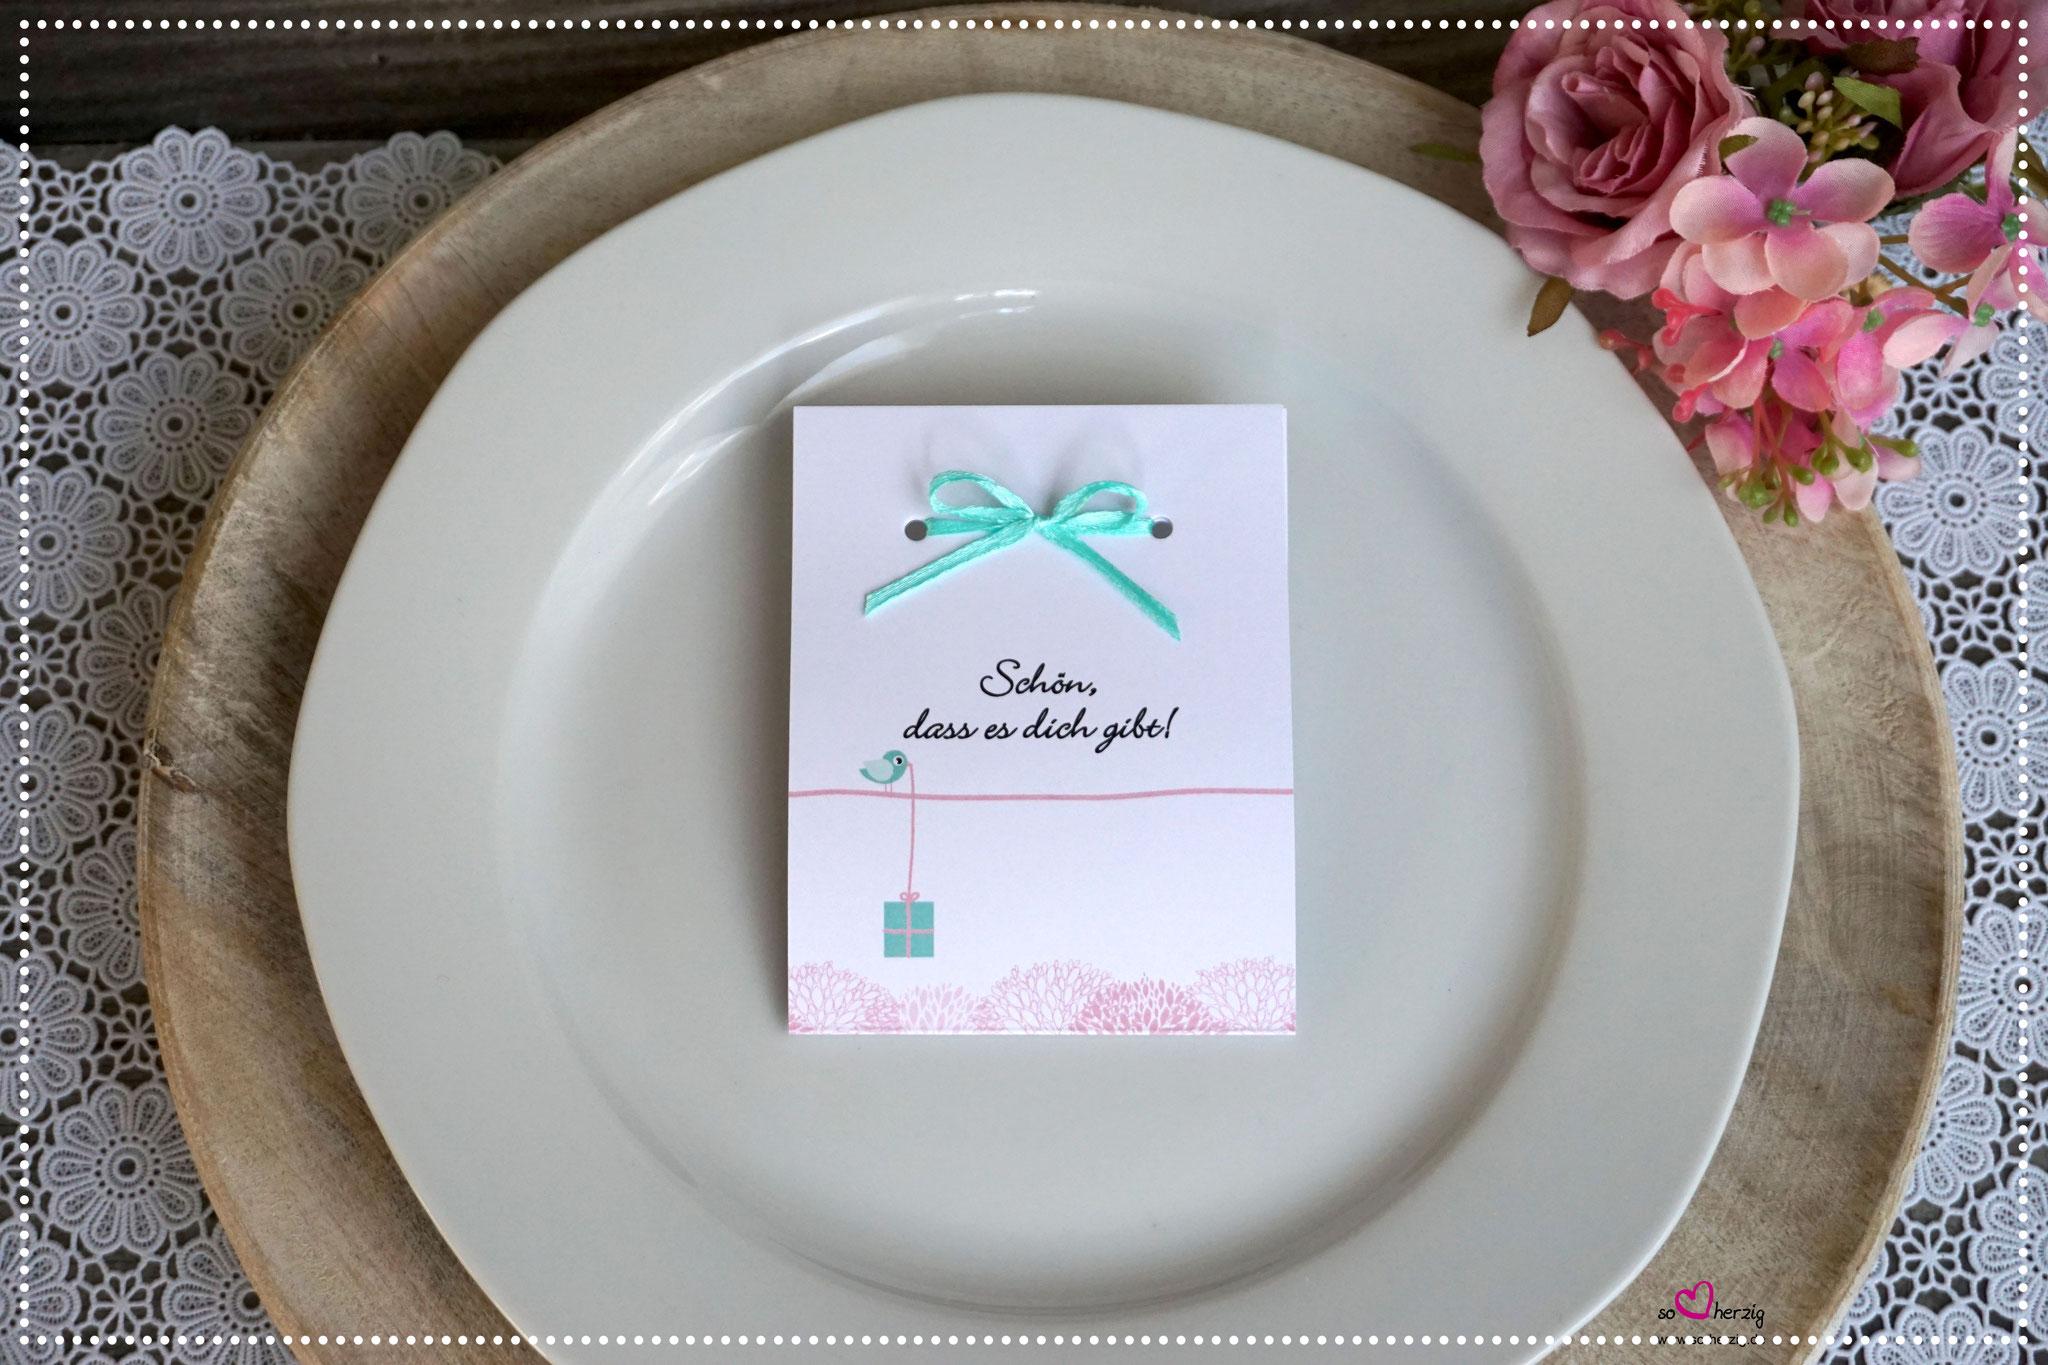 Fruchtgummi Giveaway Design kleines Geschenk rosa/mint